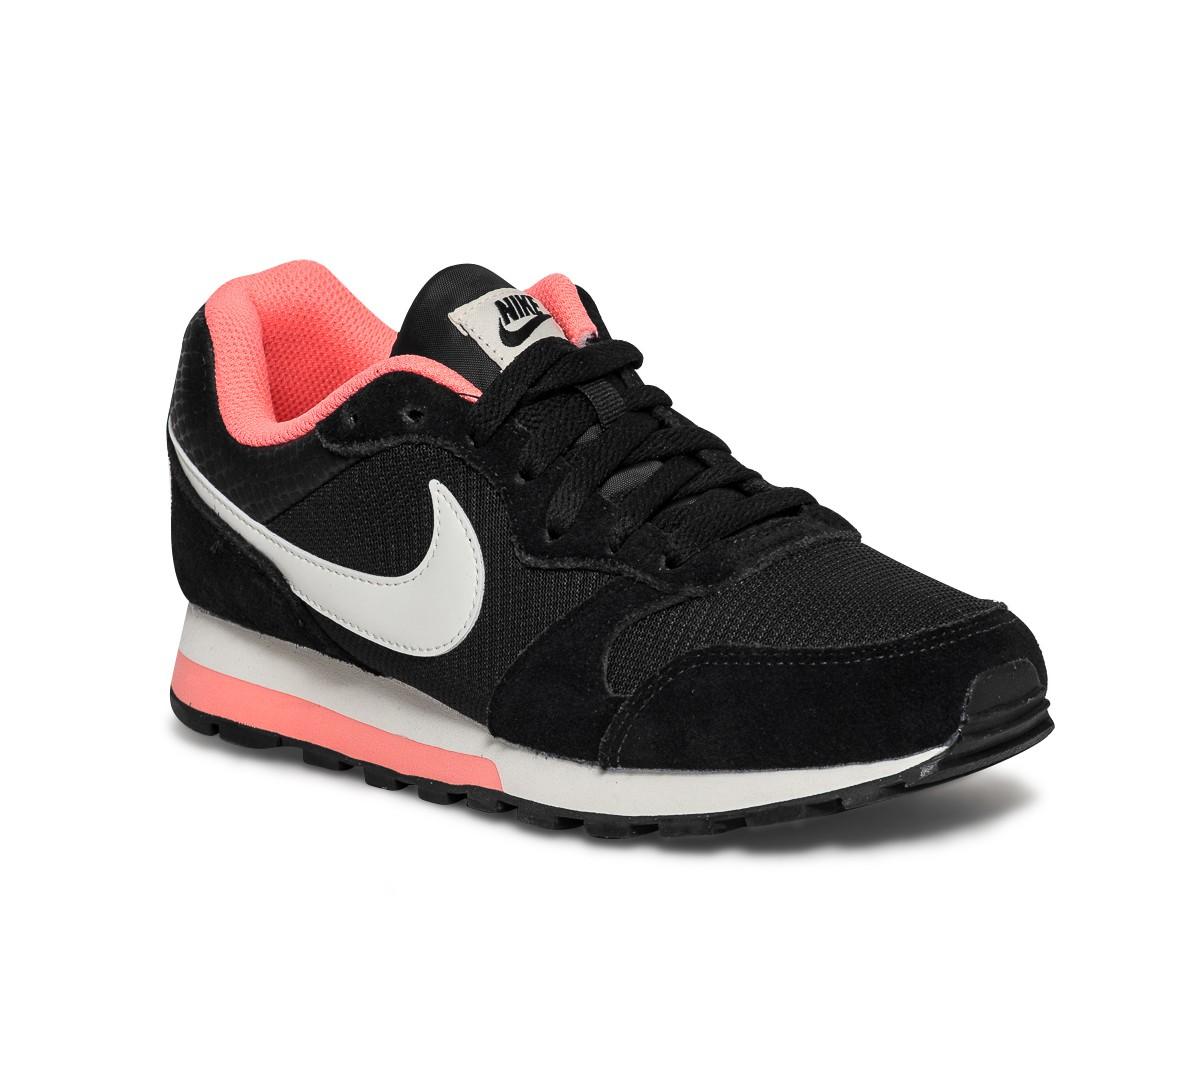 Basket Acheter Nike Et Cher Pas Noir Rose 7dqdnwR8